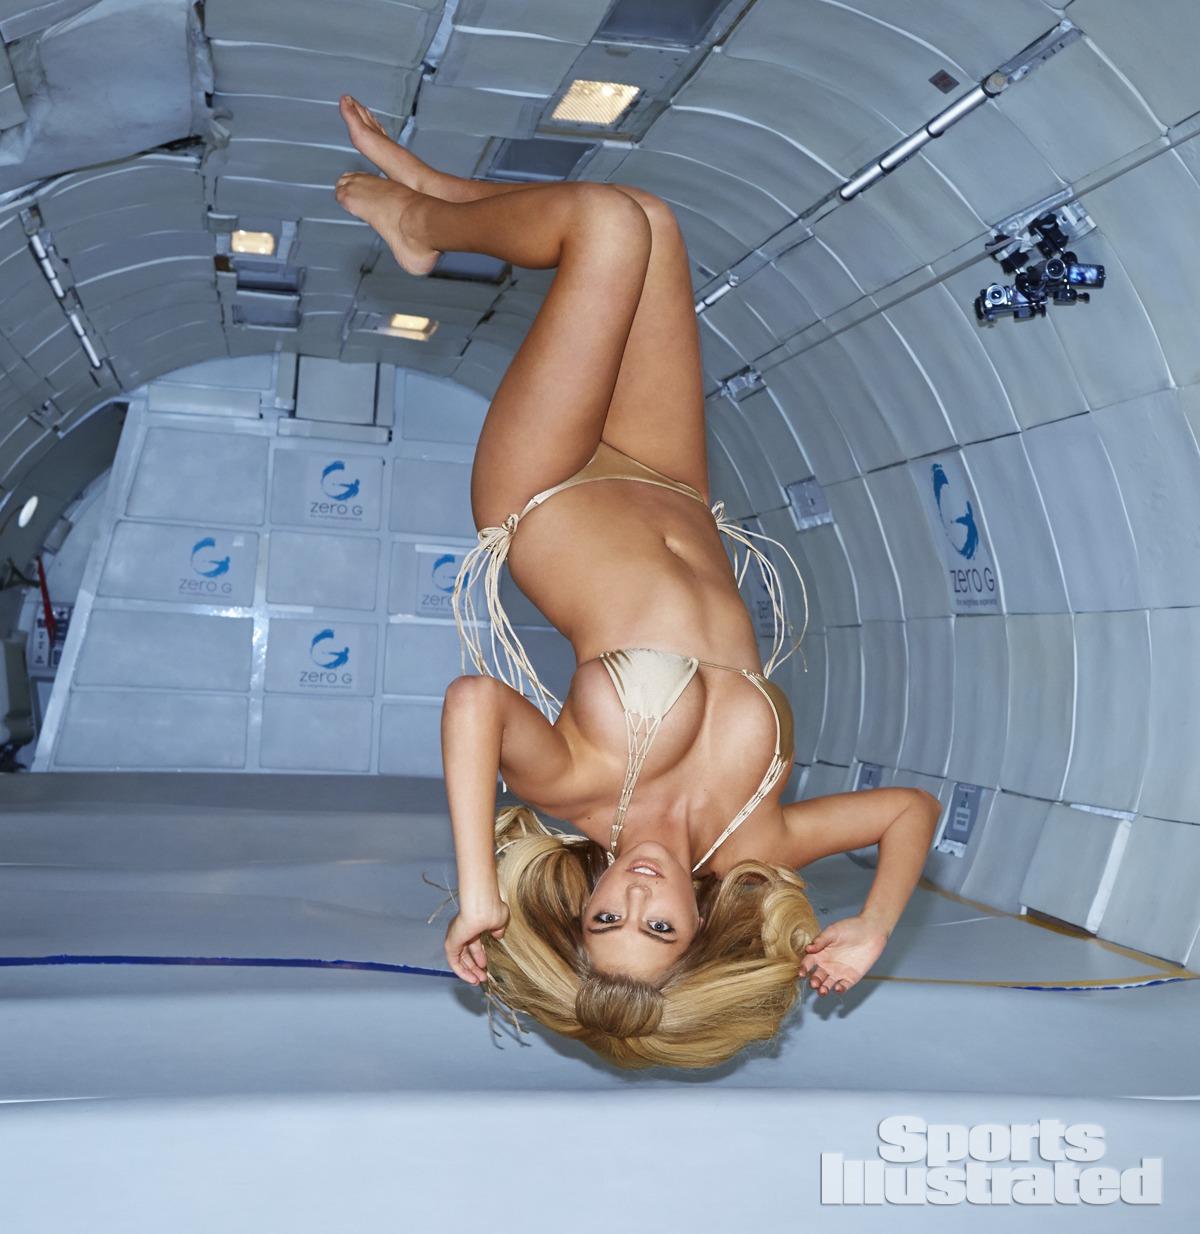 Как ебутся космонавты #9